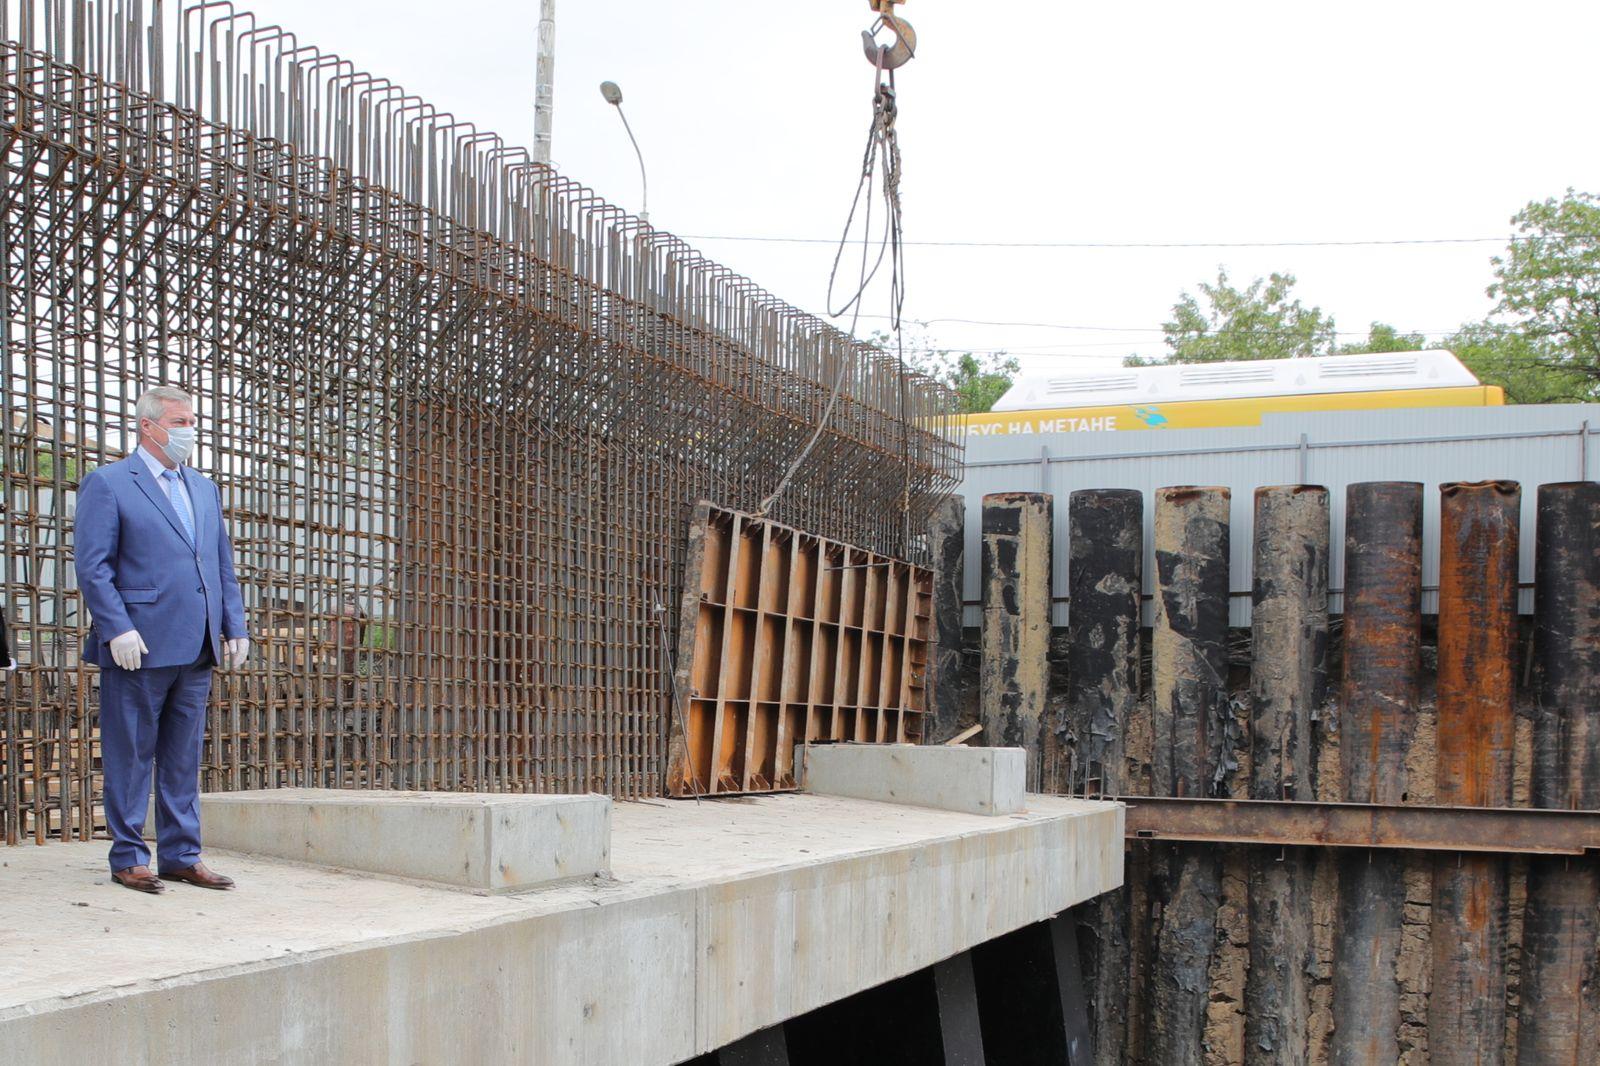 Началась активная фаза реконструкции путепровода на Малиновского в Ростове - фото 1